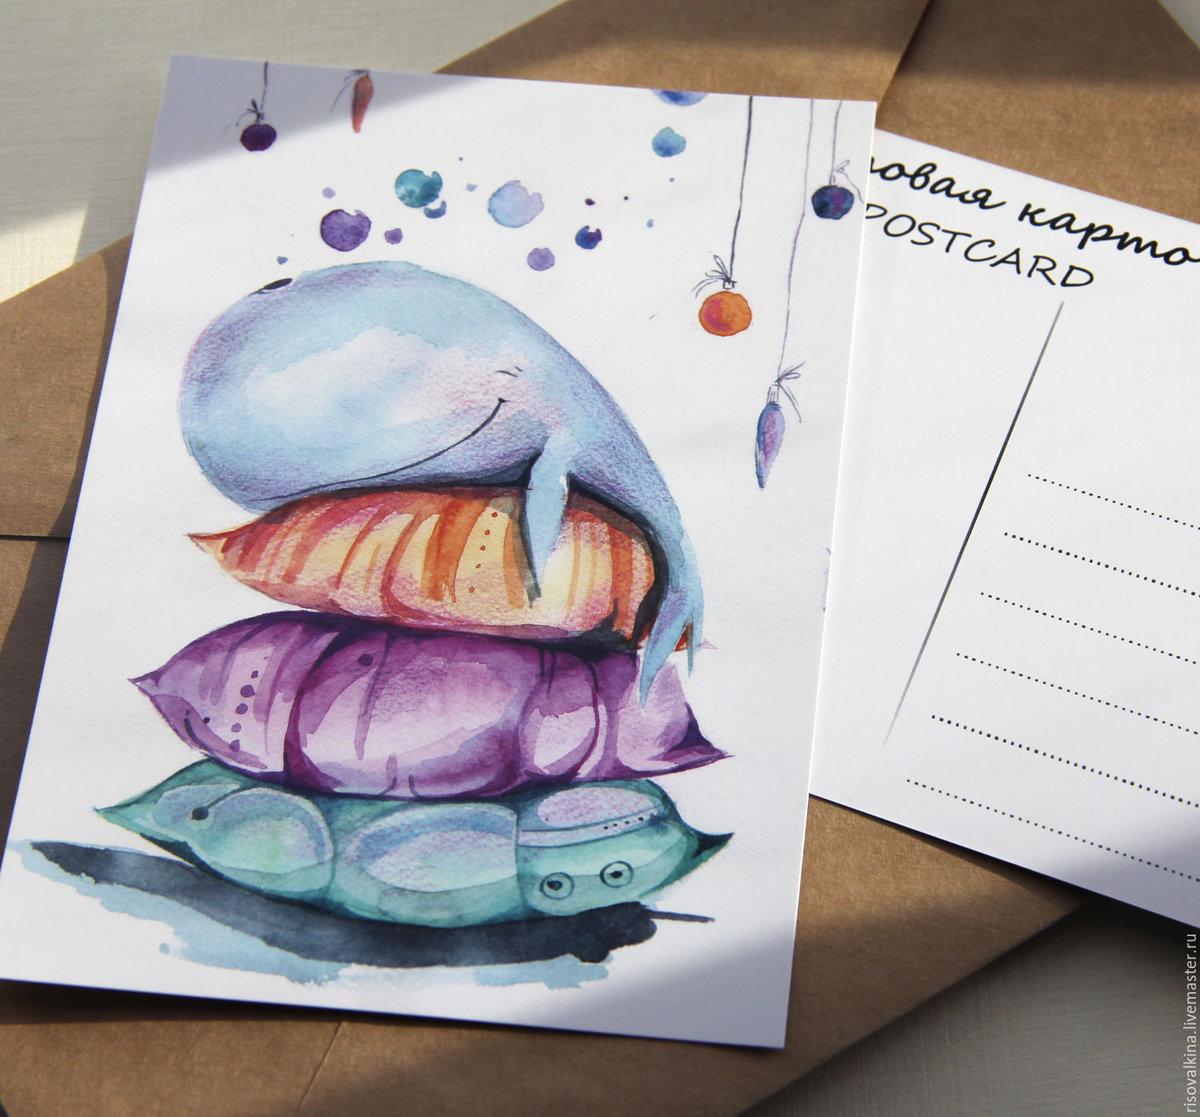 Крыса картинка, открытки необычные нарисованные